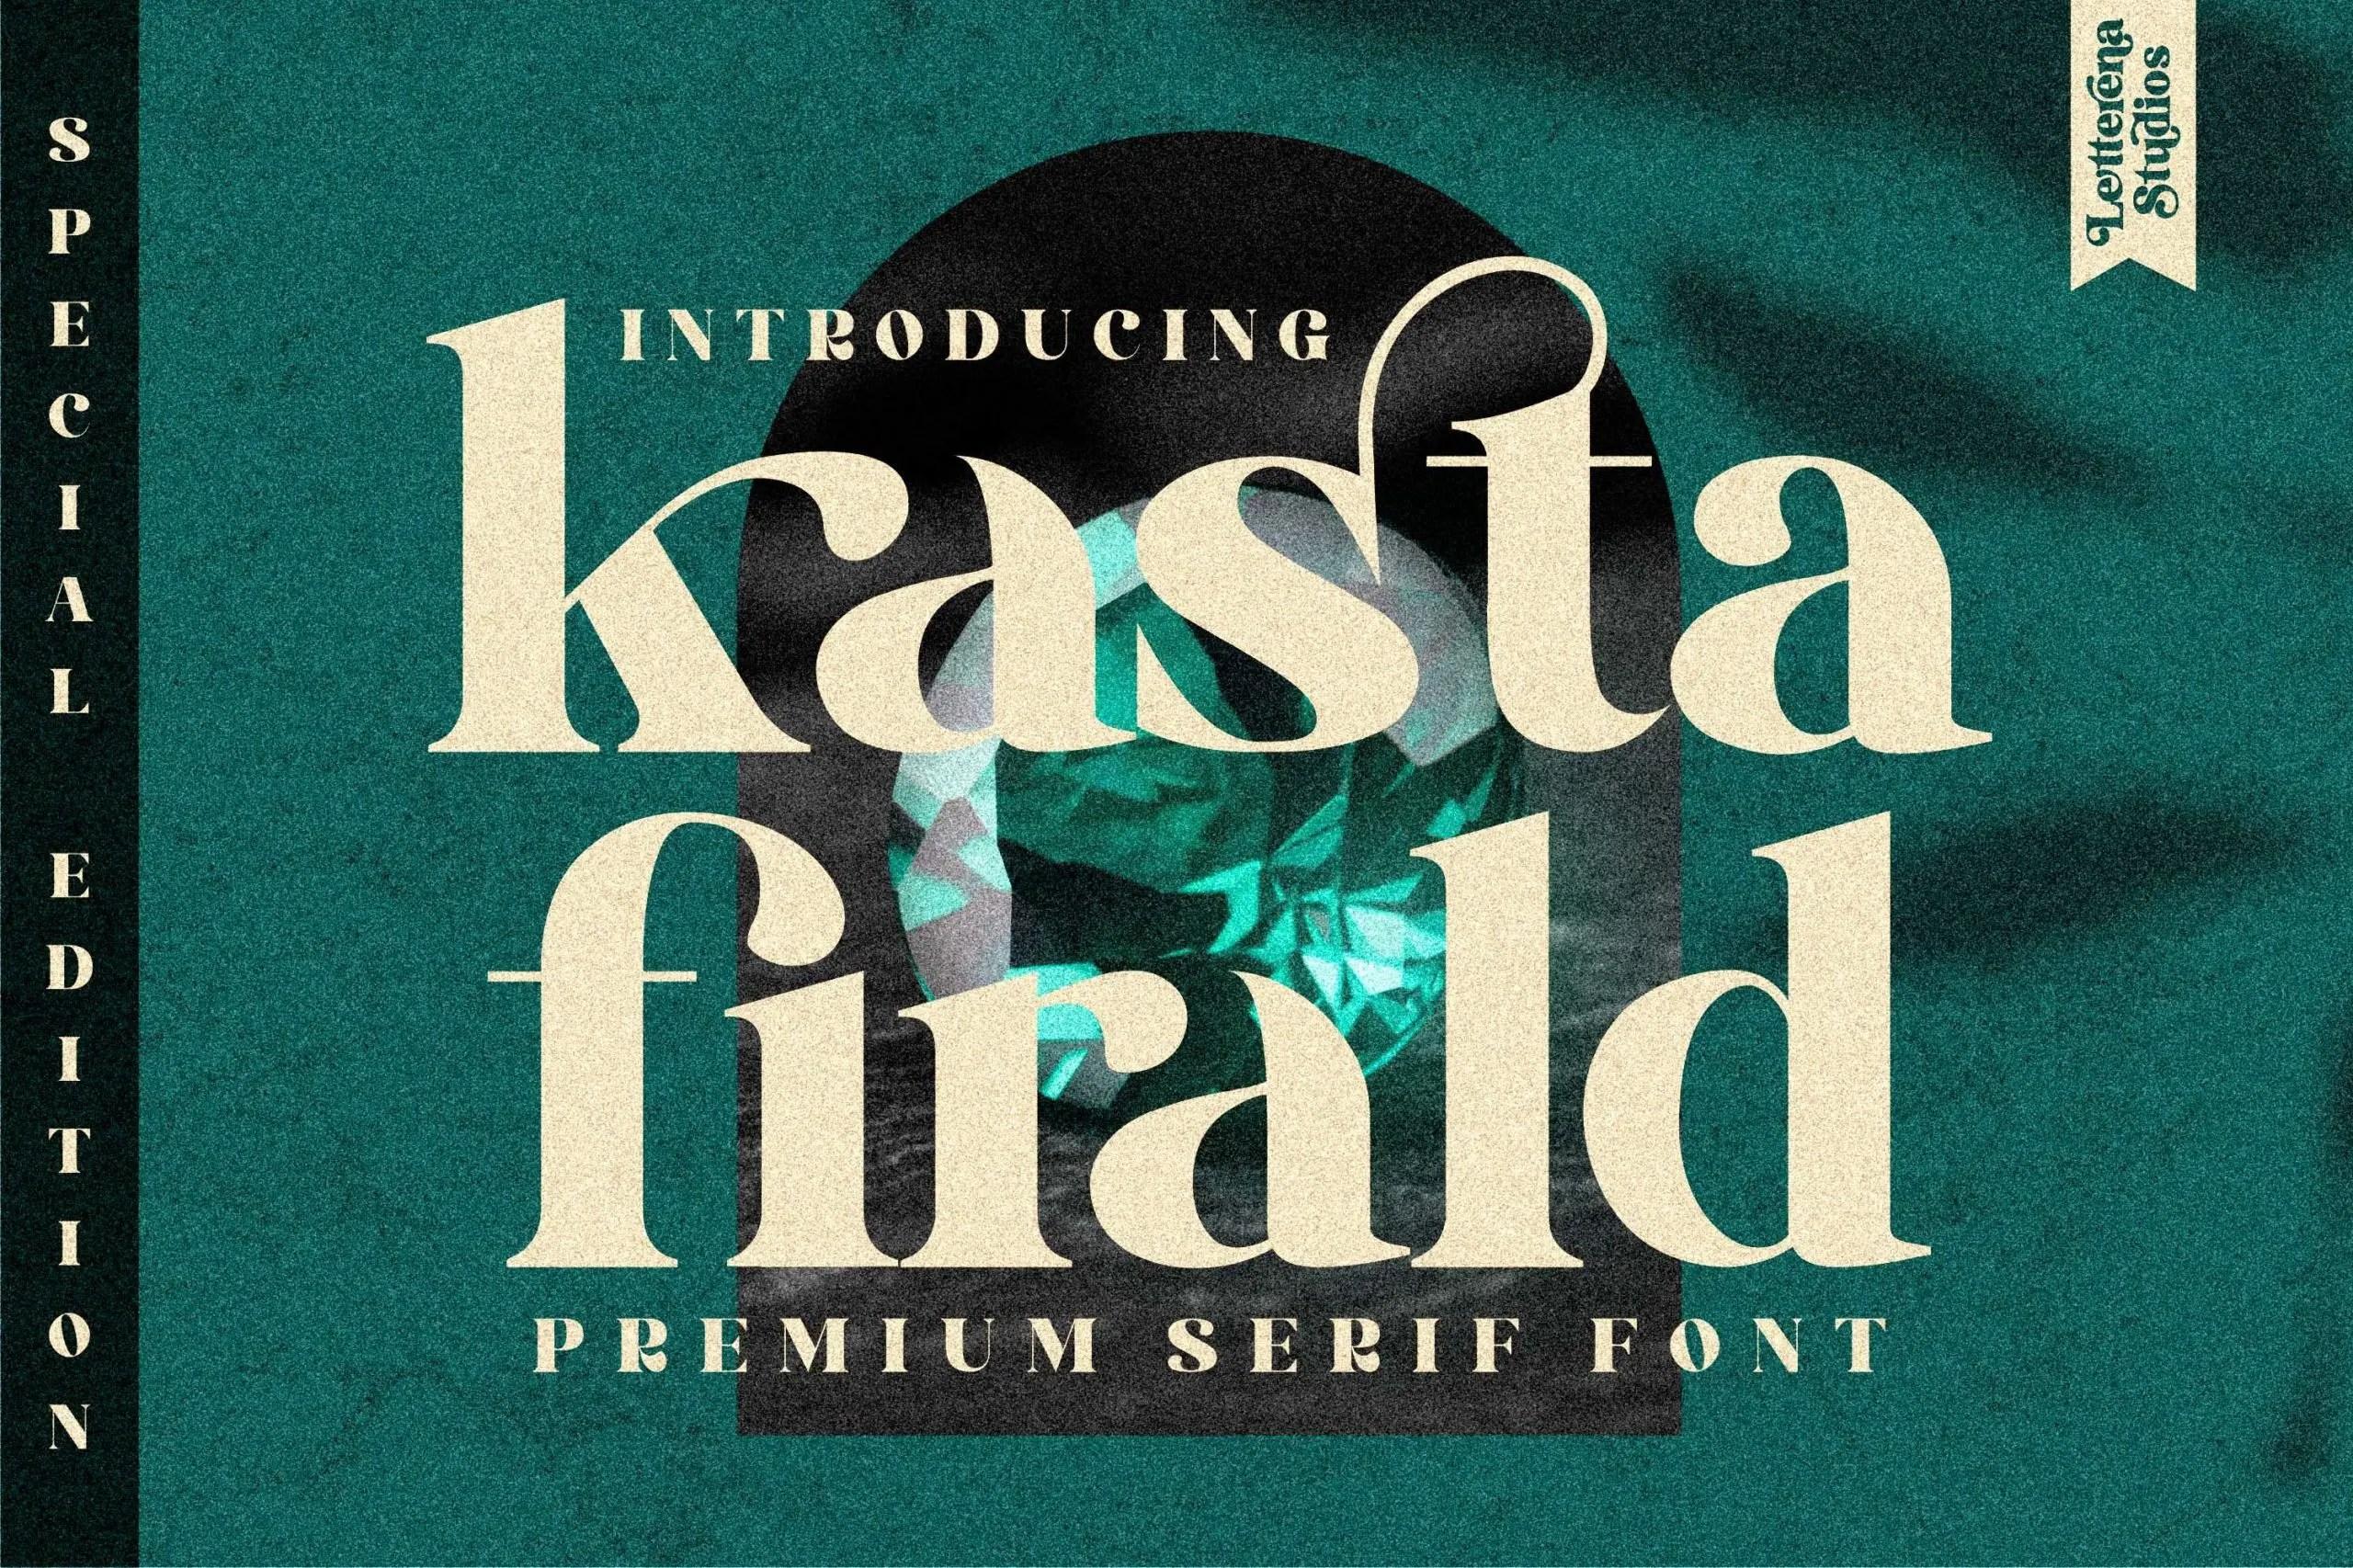 kasta firald Luxury Serif Font -1